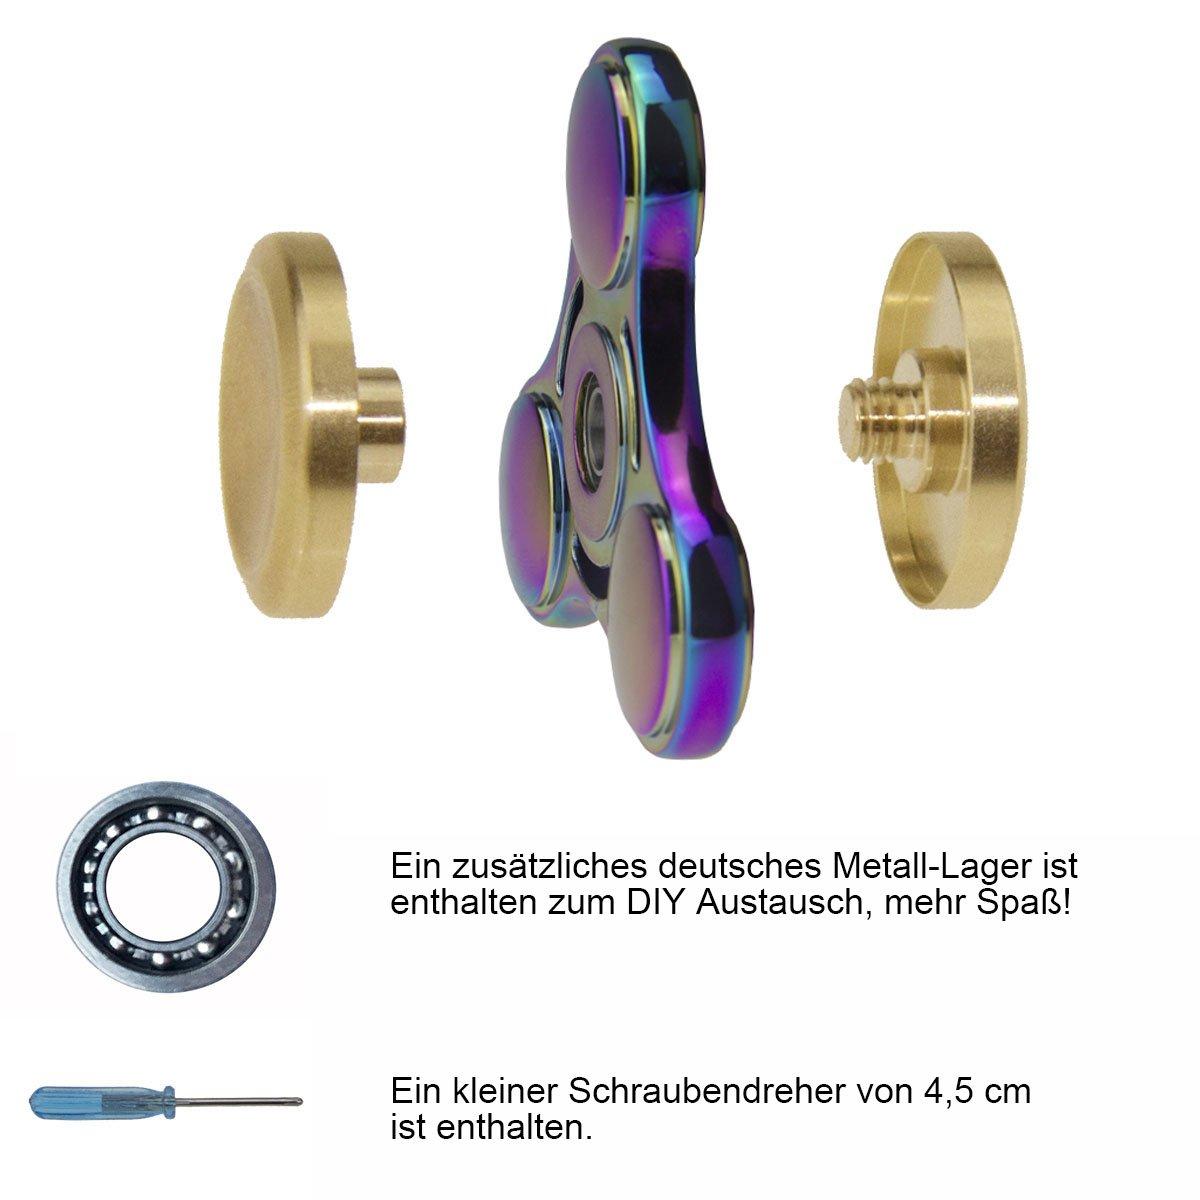 Mano Fidget Spinner Multicolor Multicolor Rainbow, 8 minutos Deutsche Almacén spinnere metal, dedos Tip Gyro EDC Tri Spinner (redondas): Amazon.es: Juguetes ...